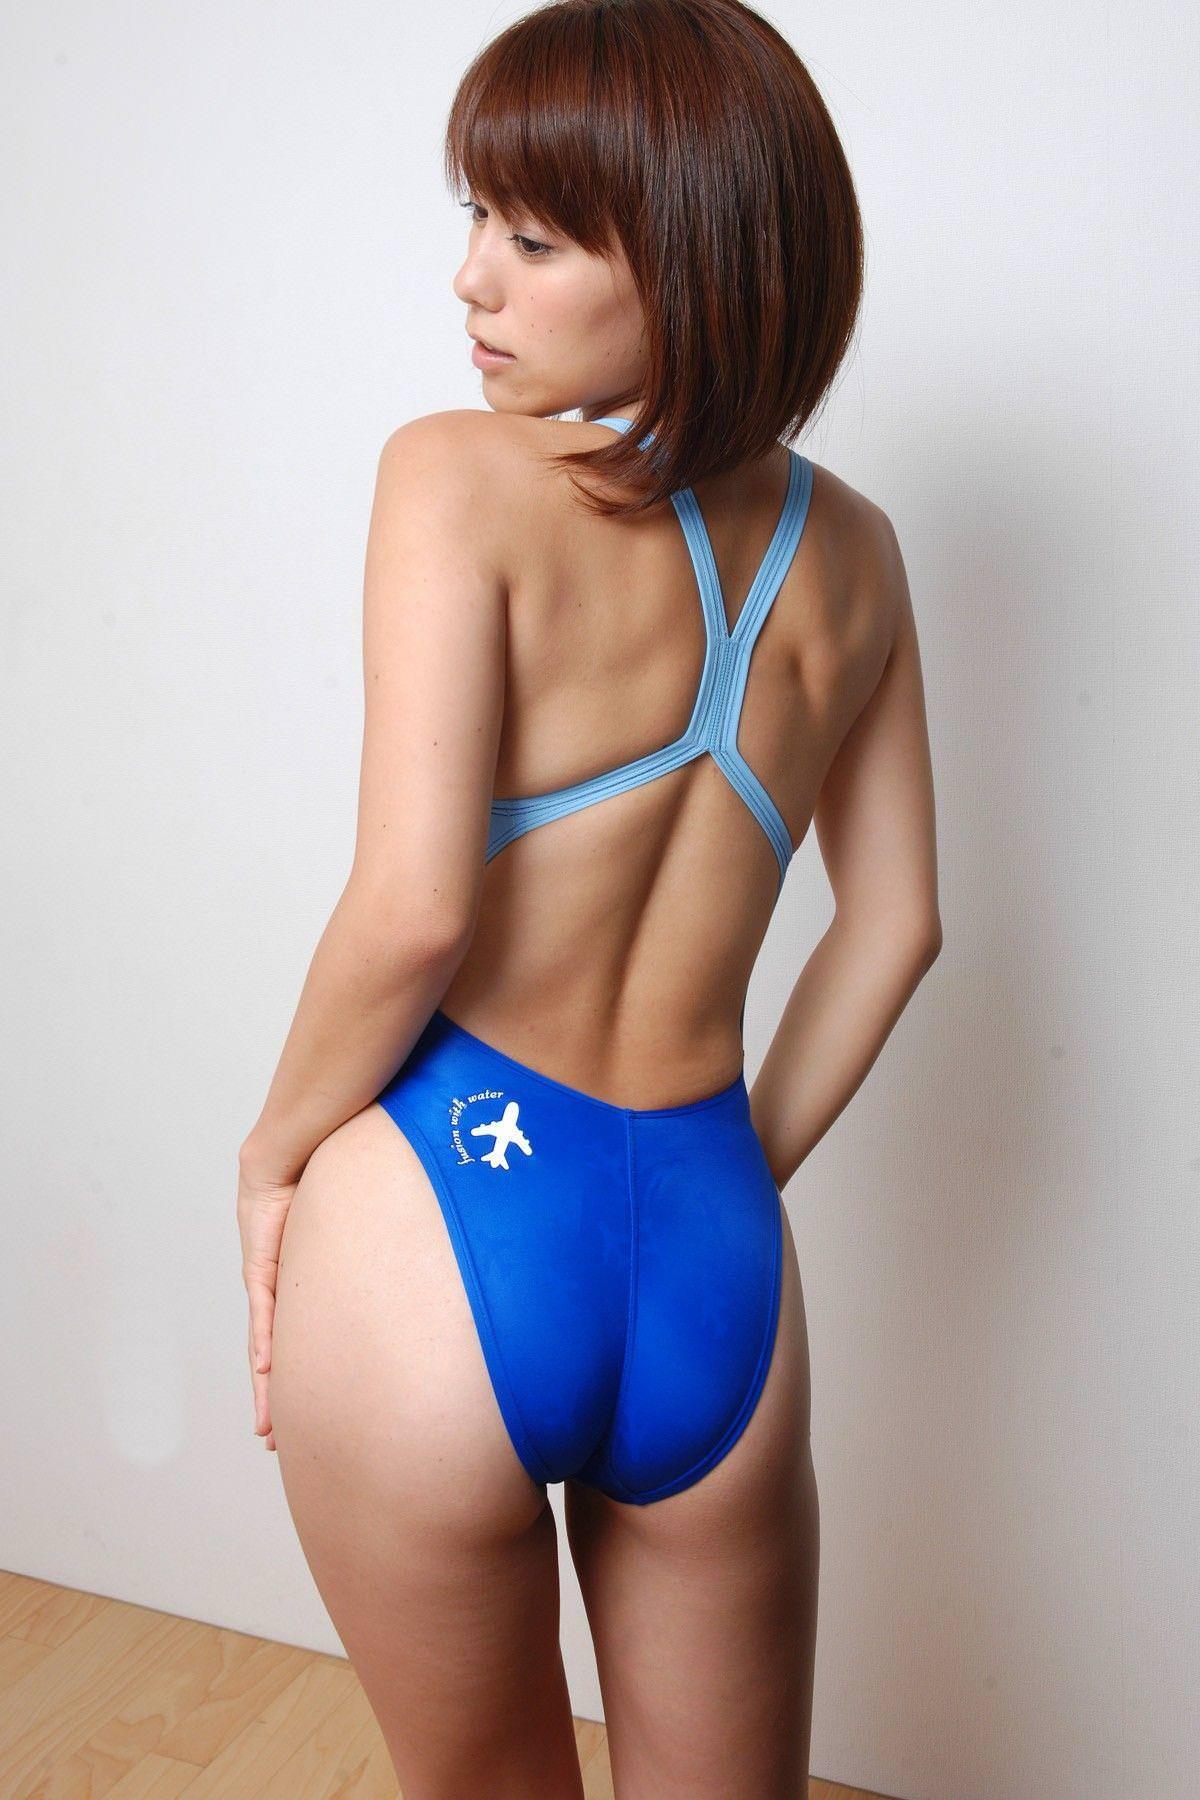 競泳水着の美少女 26